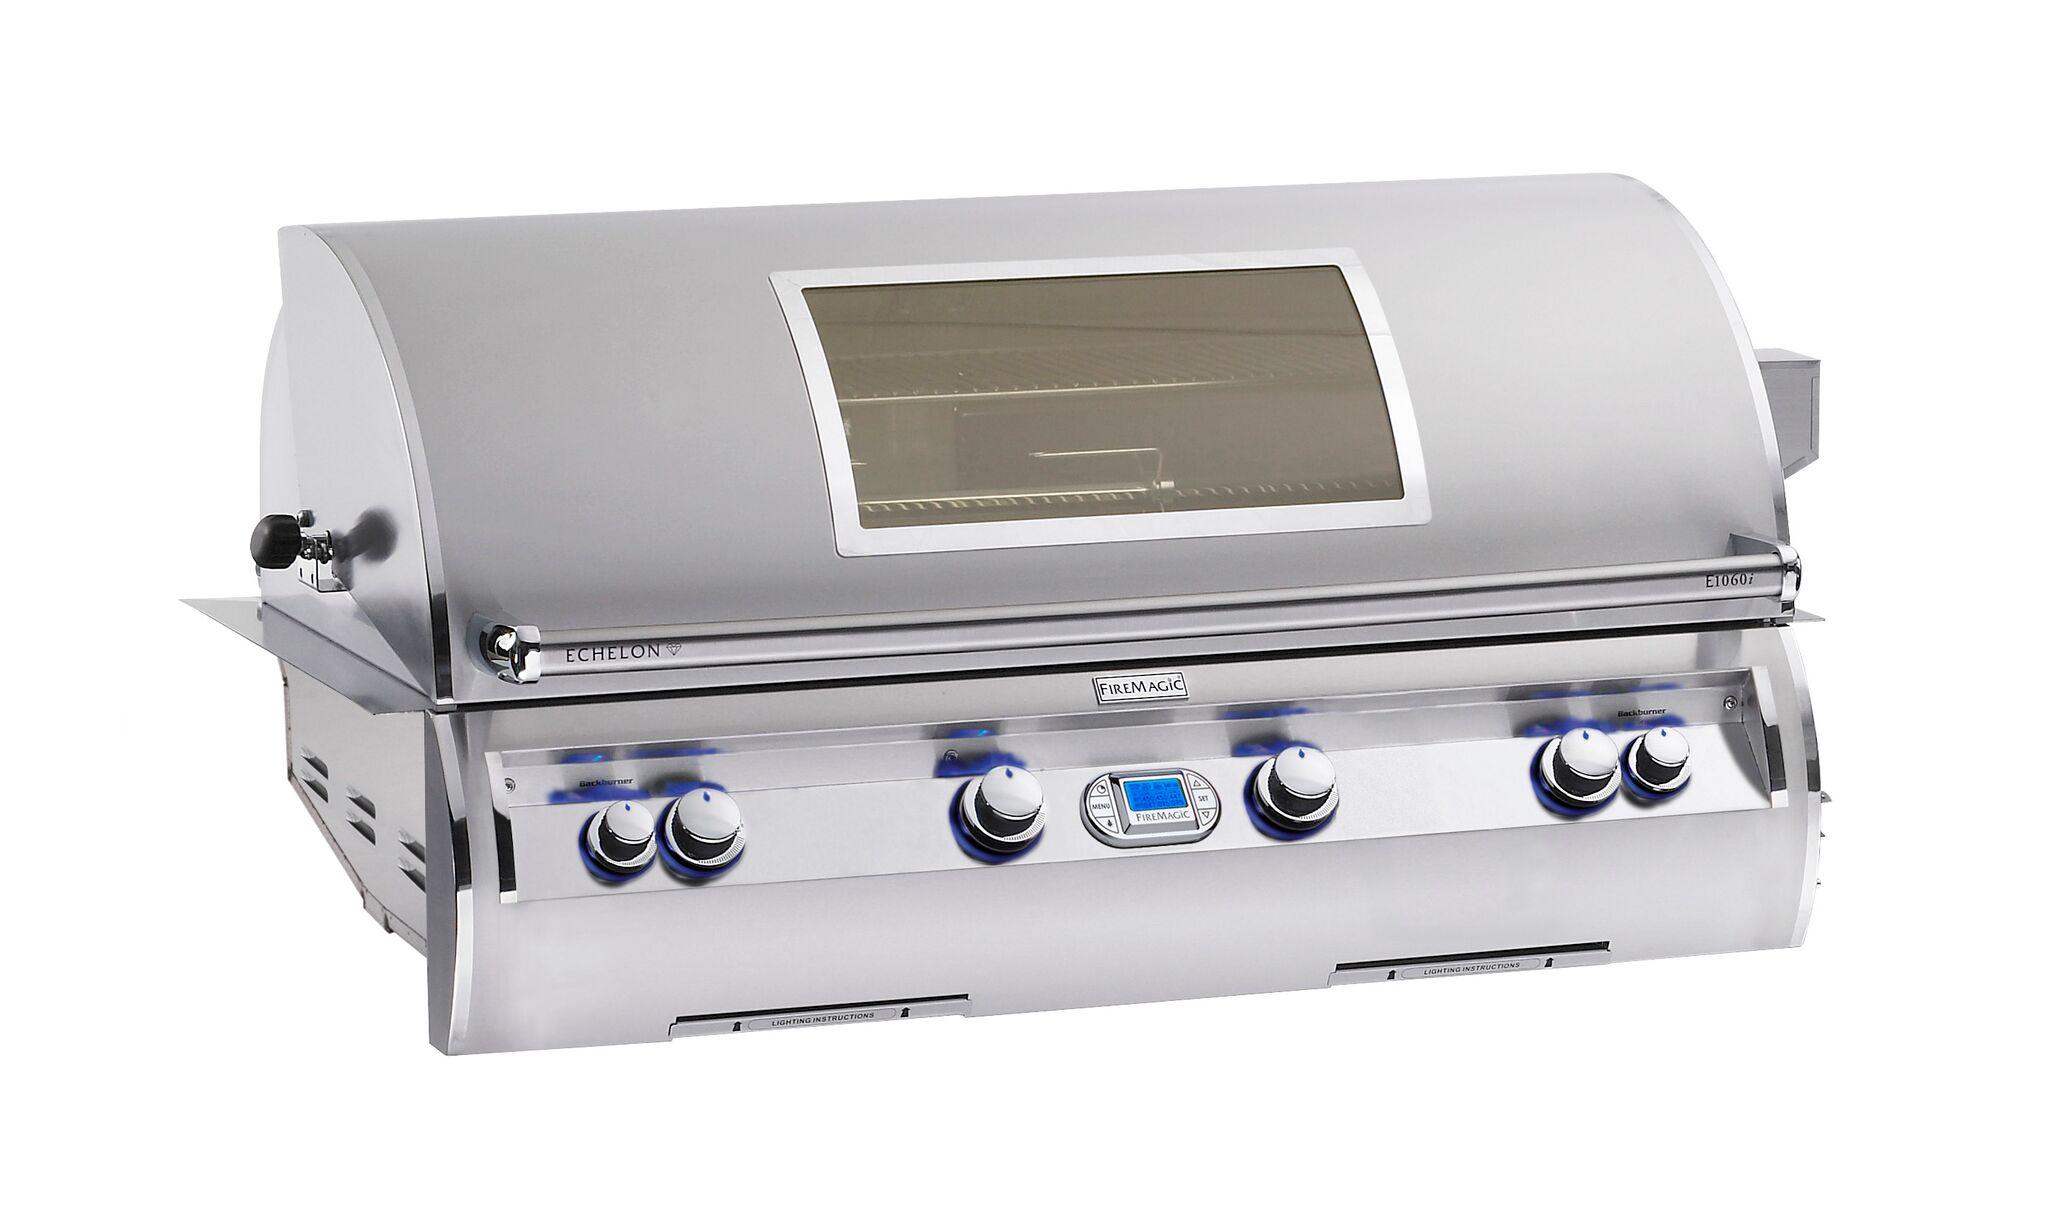 Gasgrill In Outdoor Küche Integrieren : Der gasbetriebene einbaugrill für deine outdoorküche bbqsaloon.de